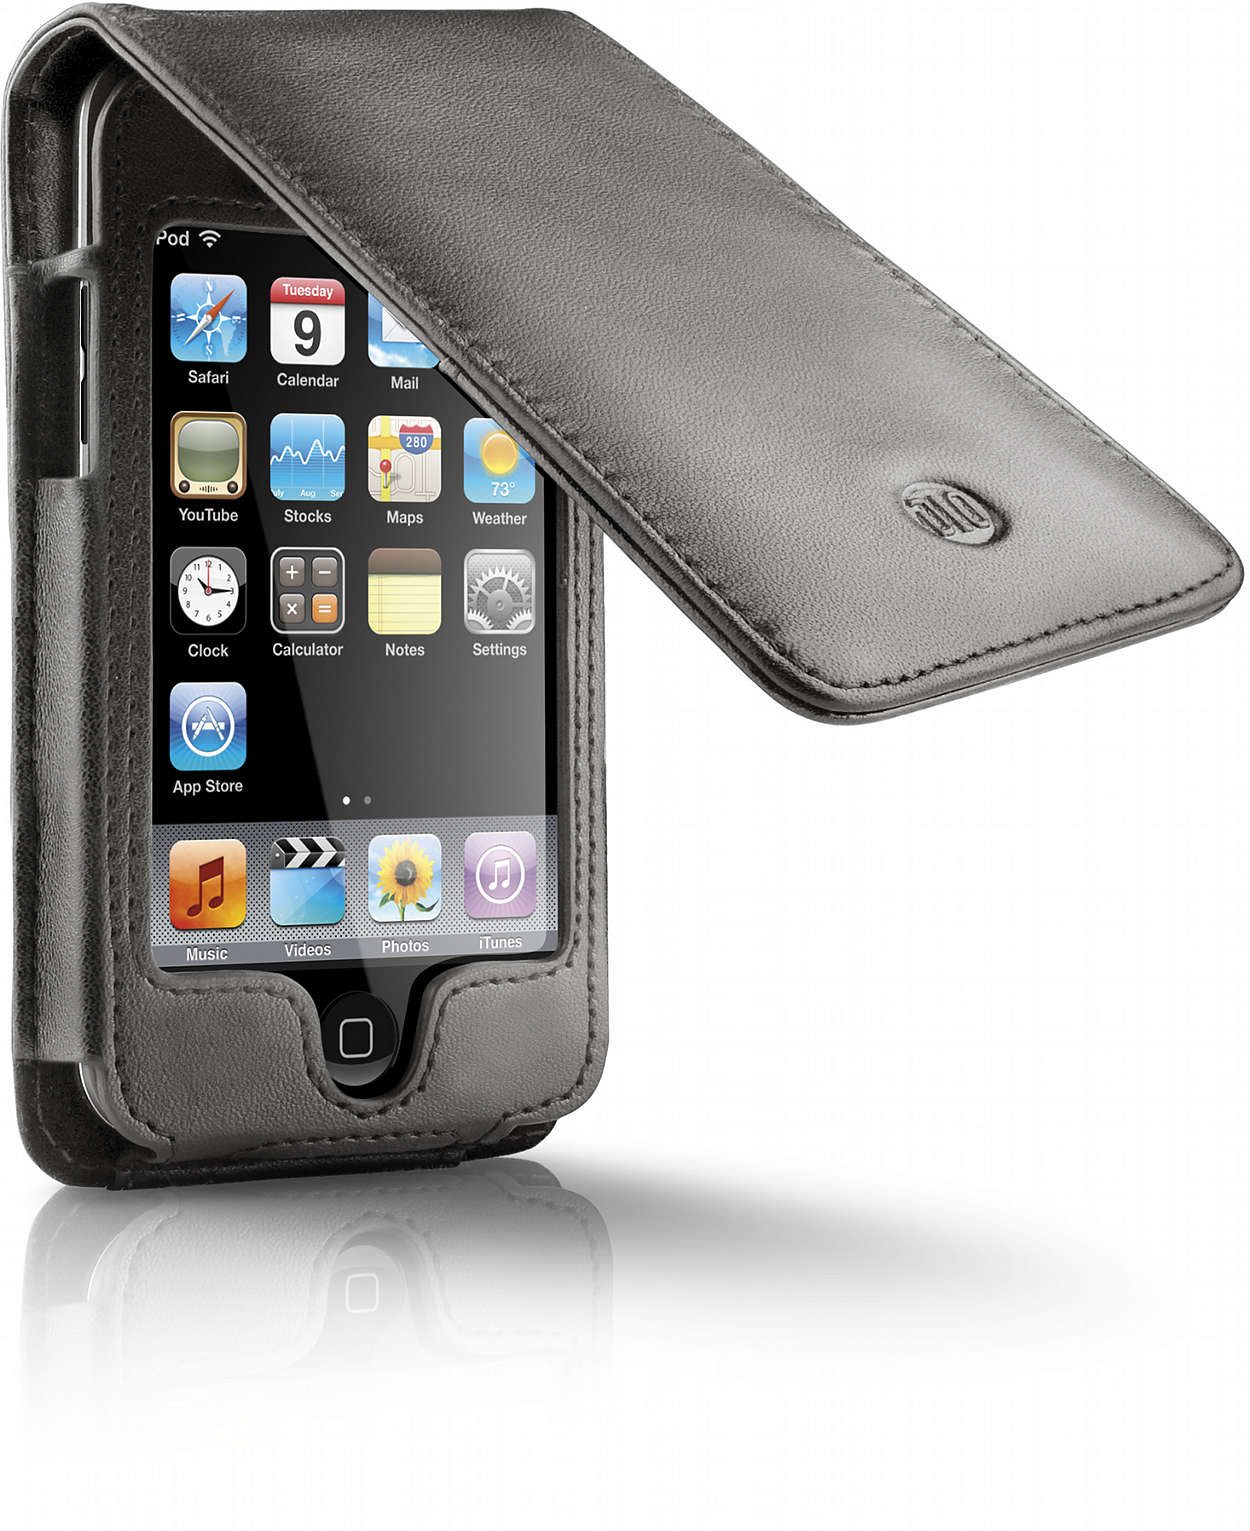 Protejaţi-vă dispozitivul iPod cu stil